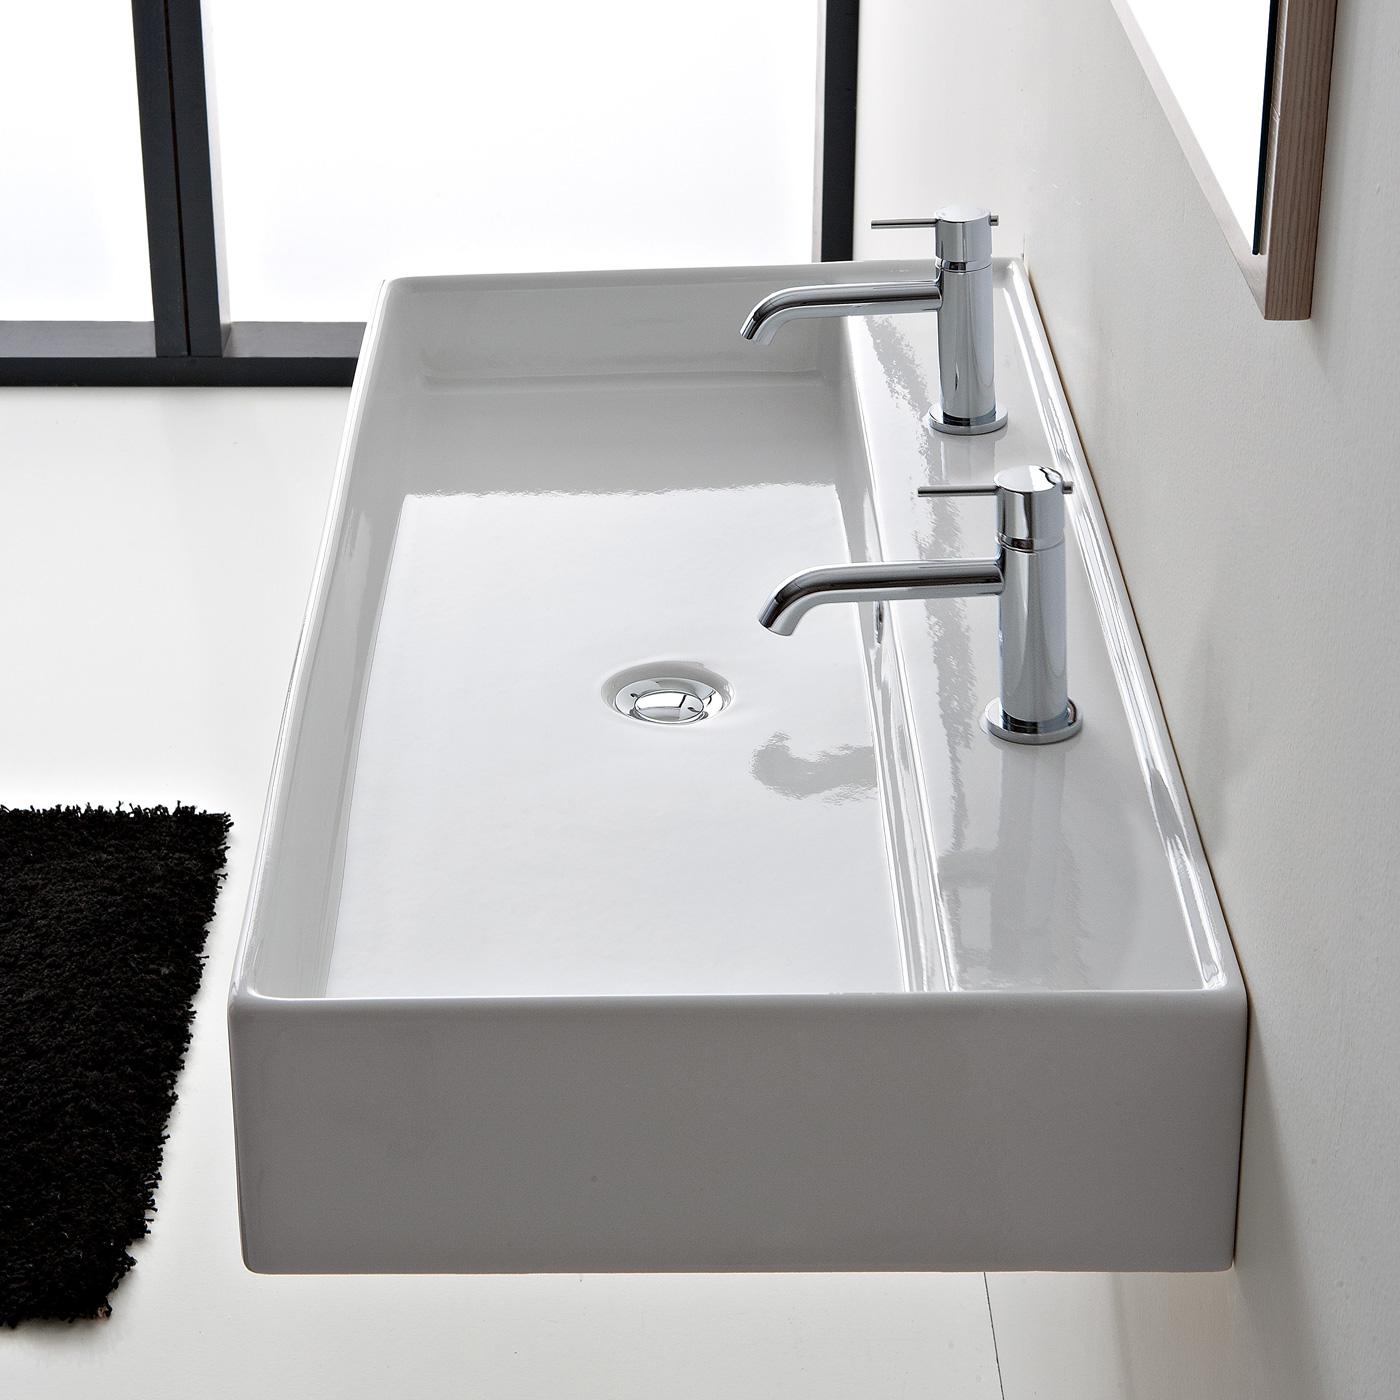 scarabeo teorema r 120 b waschtisch b 120 t 46 cm. Black Bedroom Furniture Sets. Home Design Ideas